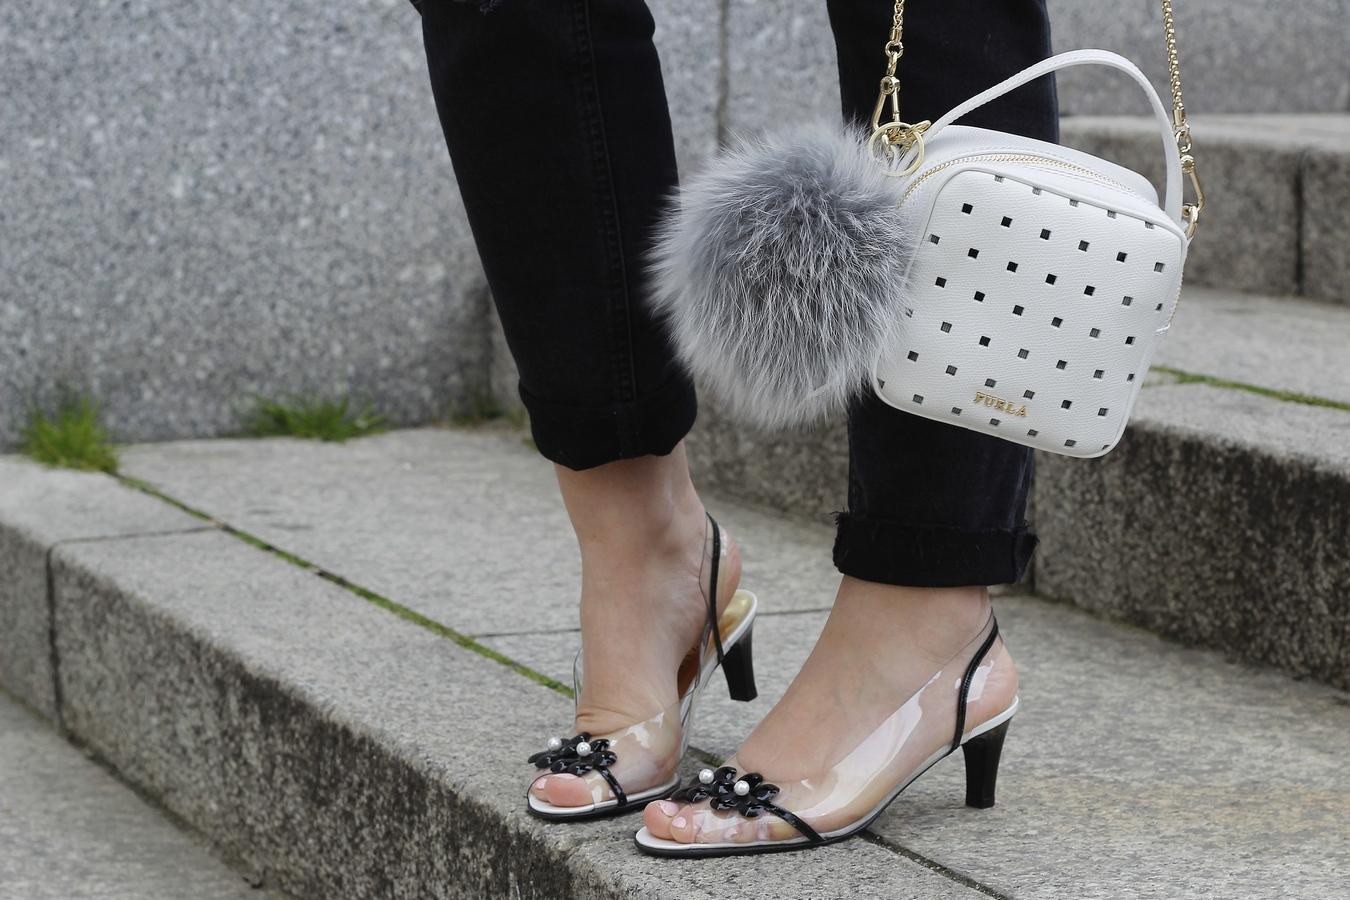 Blog mode femme Paris - Du style, Madame - azurée cannes - cristal - escarpins